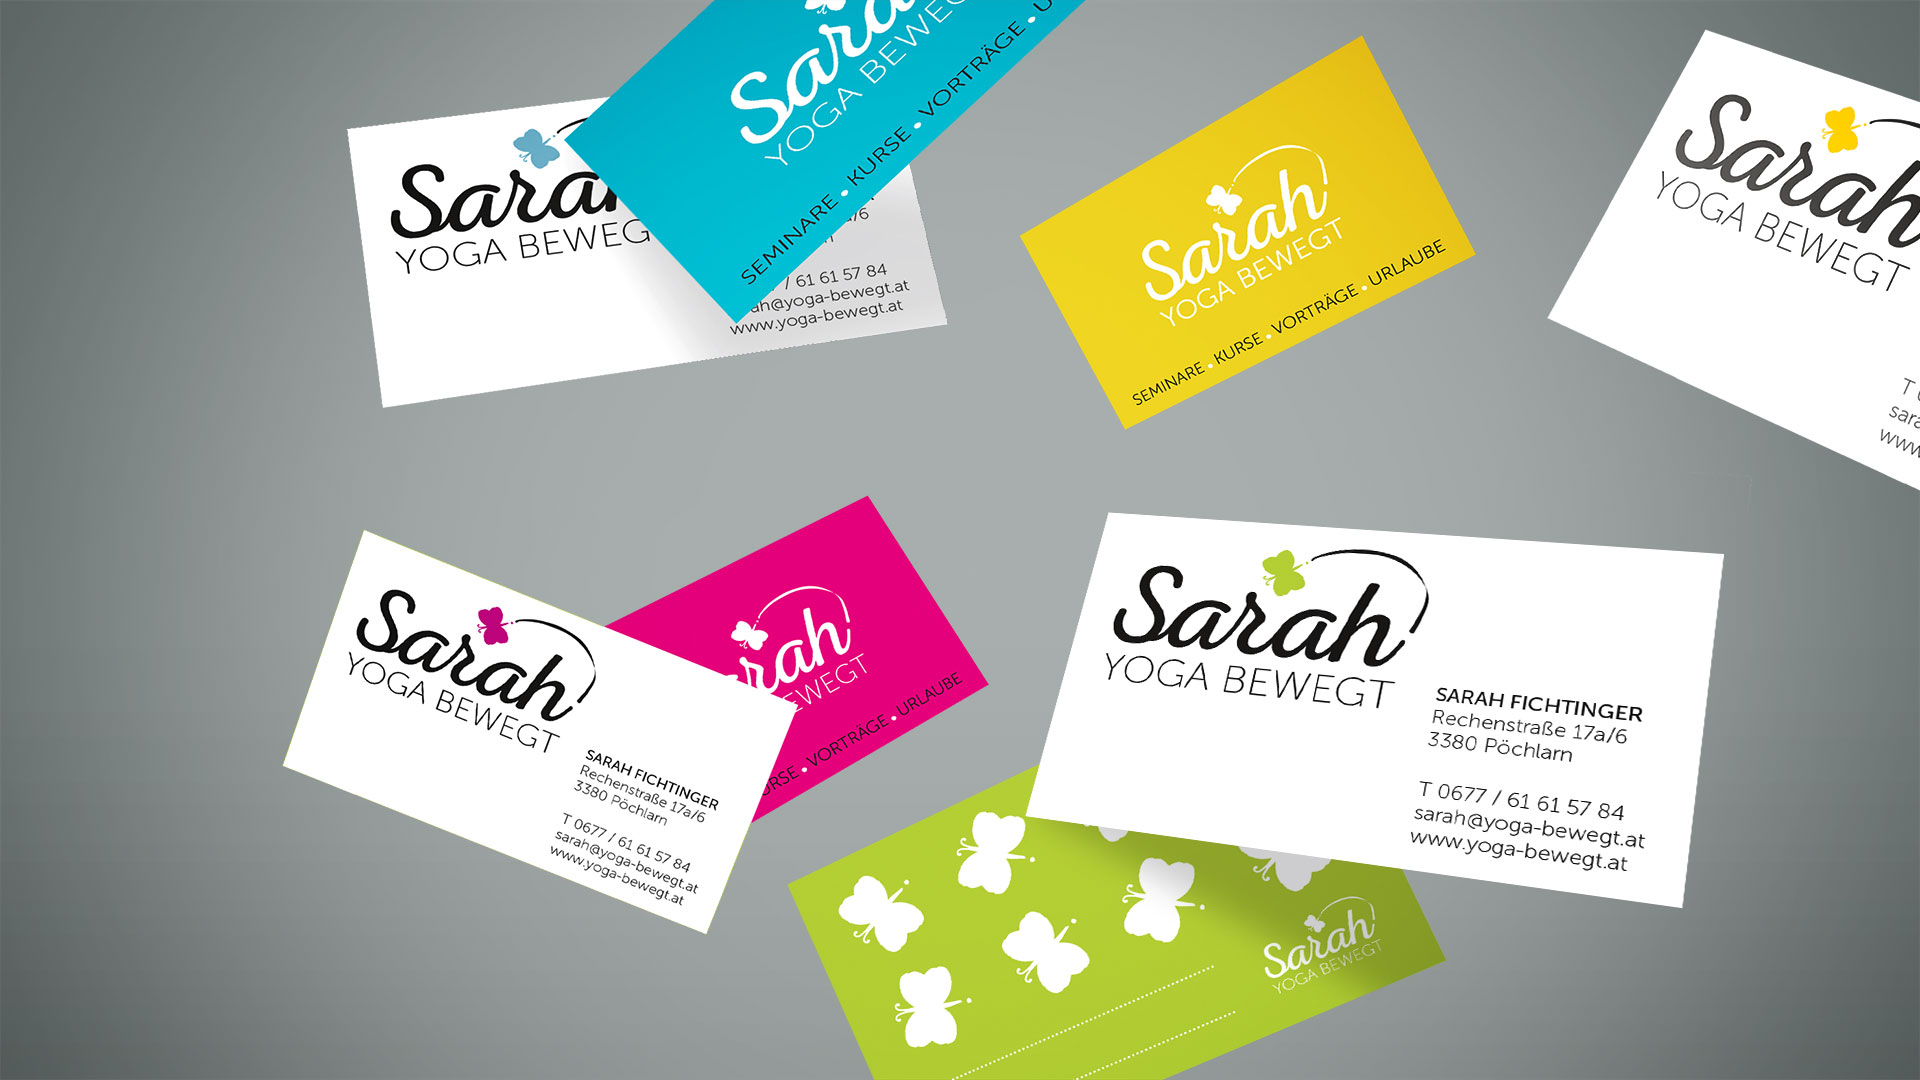 Sarah Corporate Design